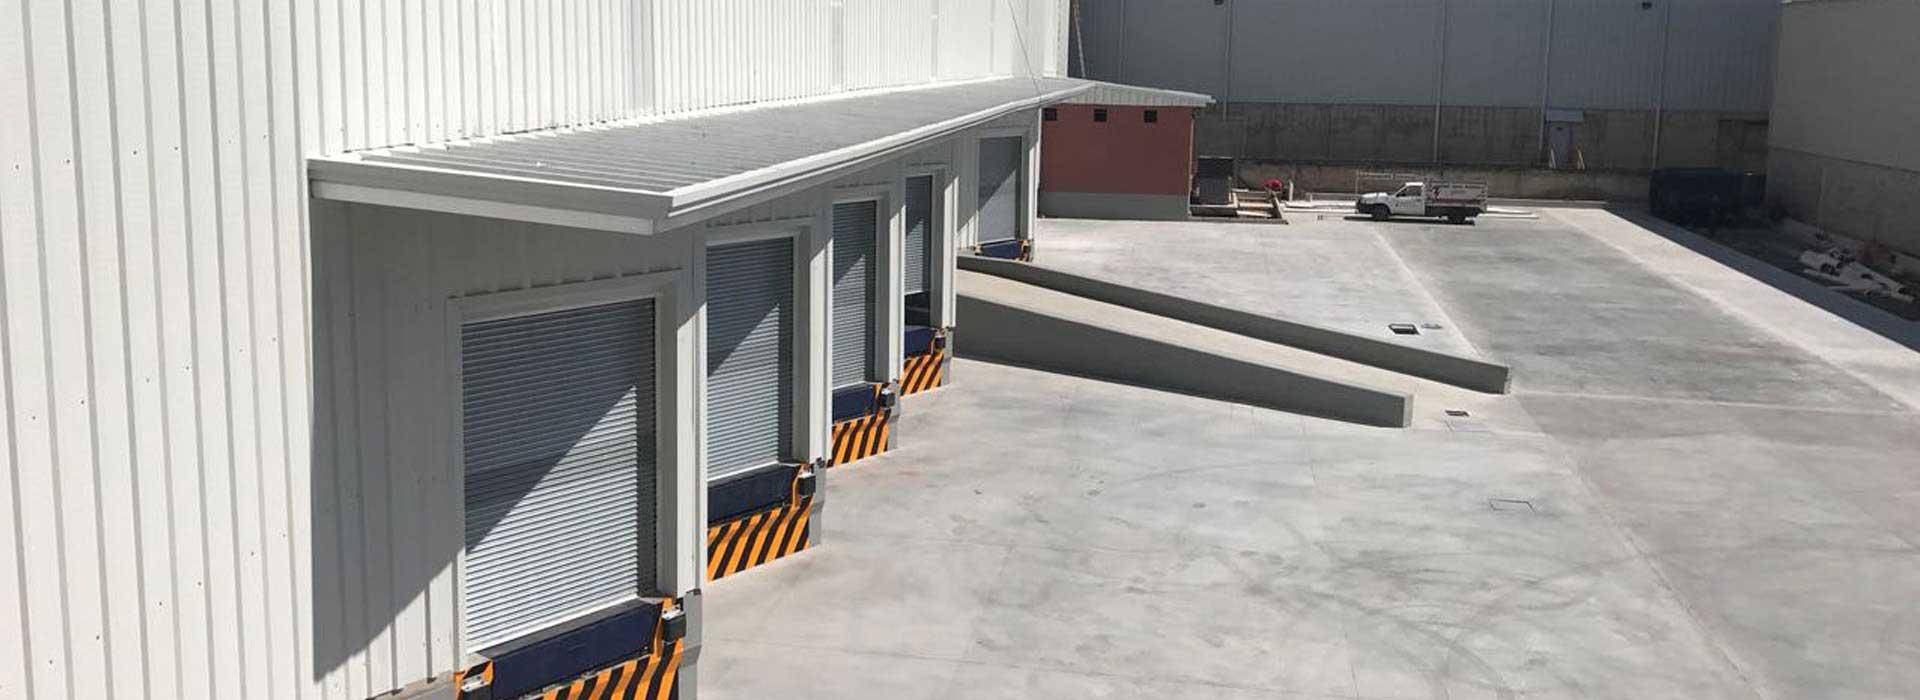 imagen bodegas grandes en un parque industrial